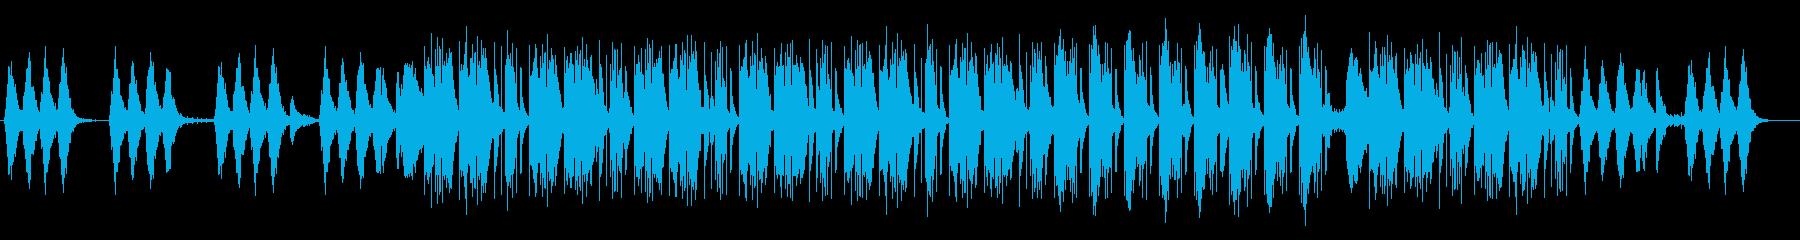 涼しげで怪しげなサウンドの再生済みの波形